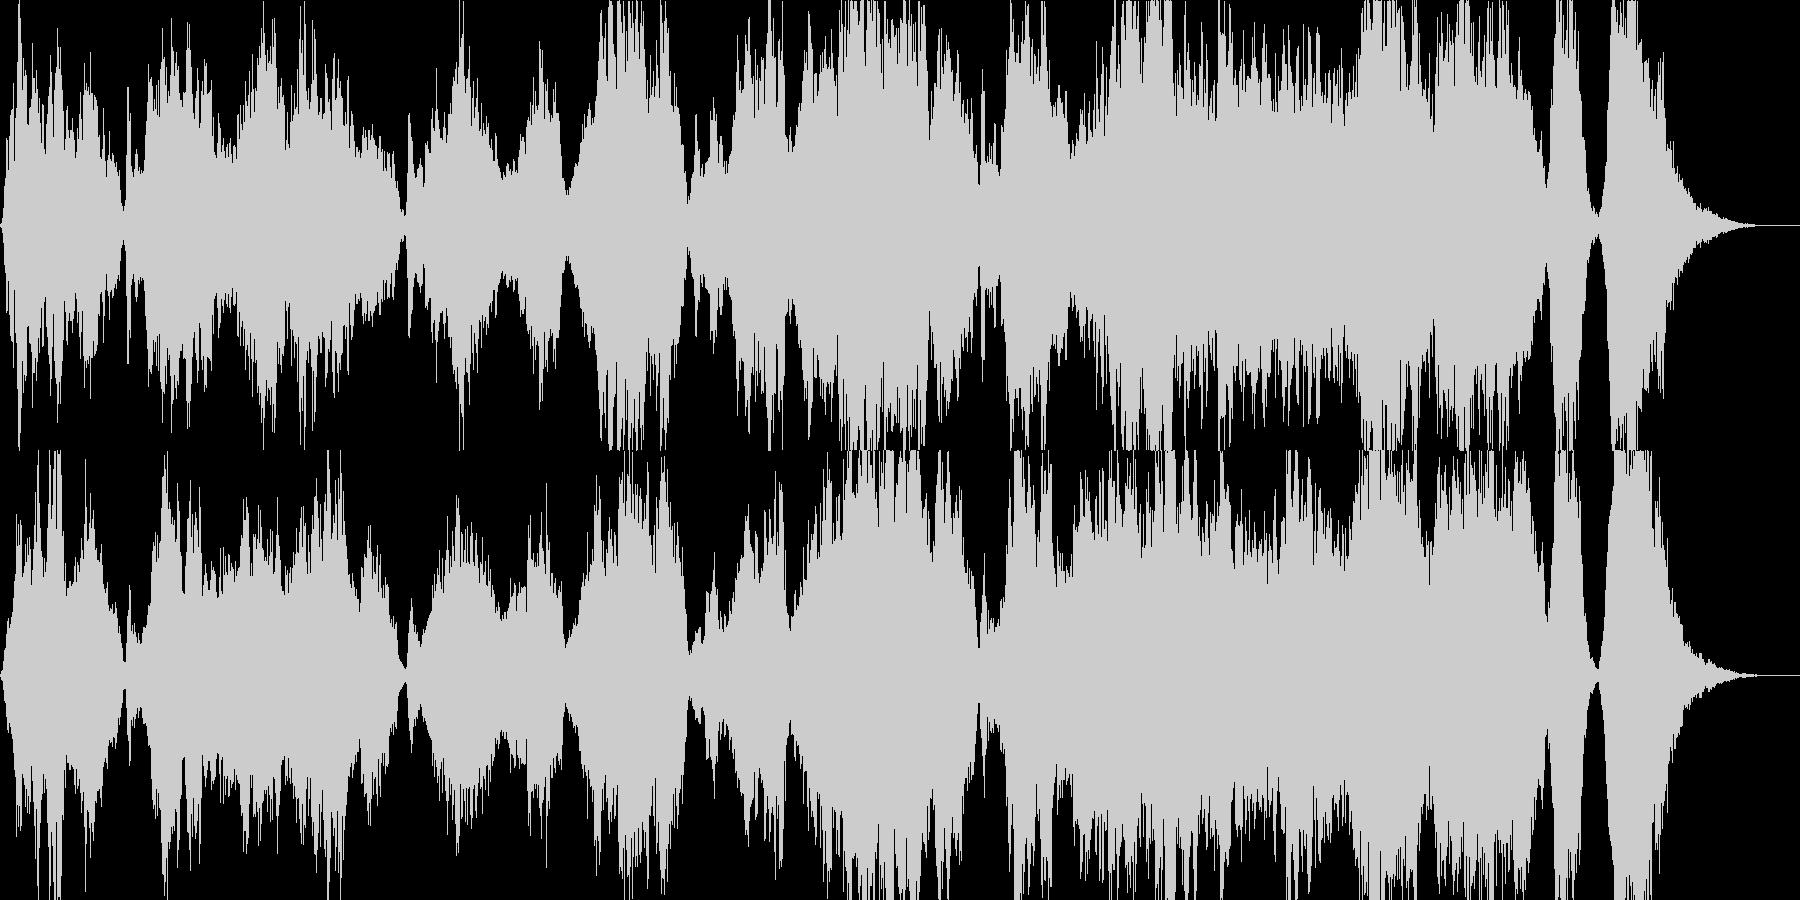 暗く重い雰囲気のオーケストラの未再生の波形